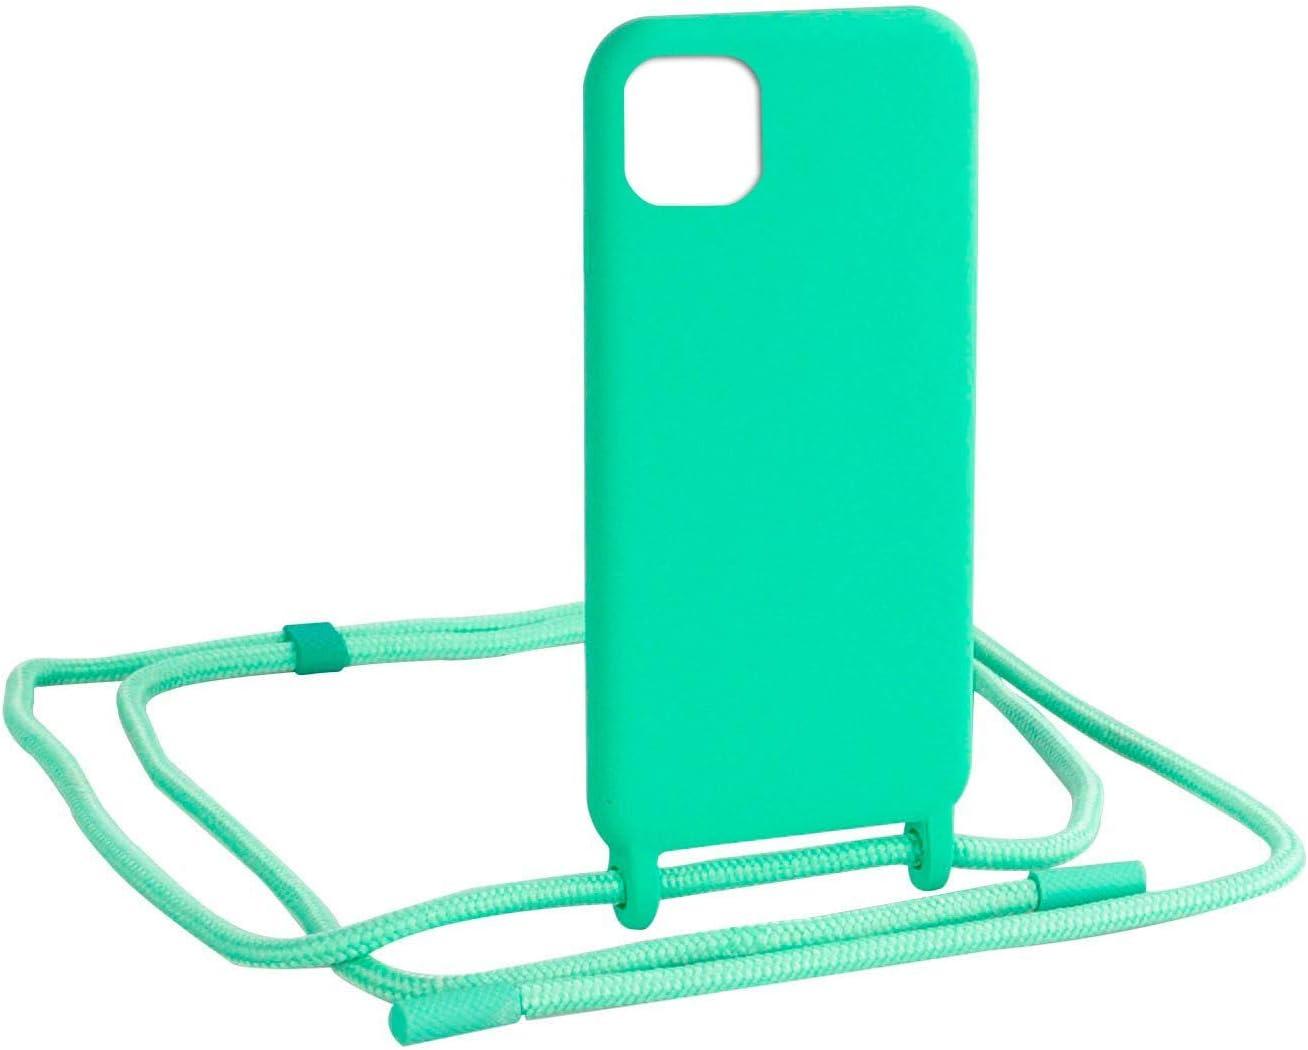 Funda con Colgante de Diseño para iPhone 11 Pro MAX Ultra Suave Verde Menta. Una Funda con Colgante de Diseño móvil Llevar Siempre a Mano tu Dispositivo y protegerlo de Golpes y Roces.